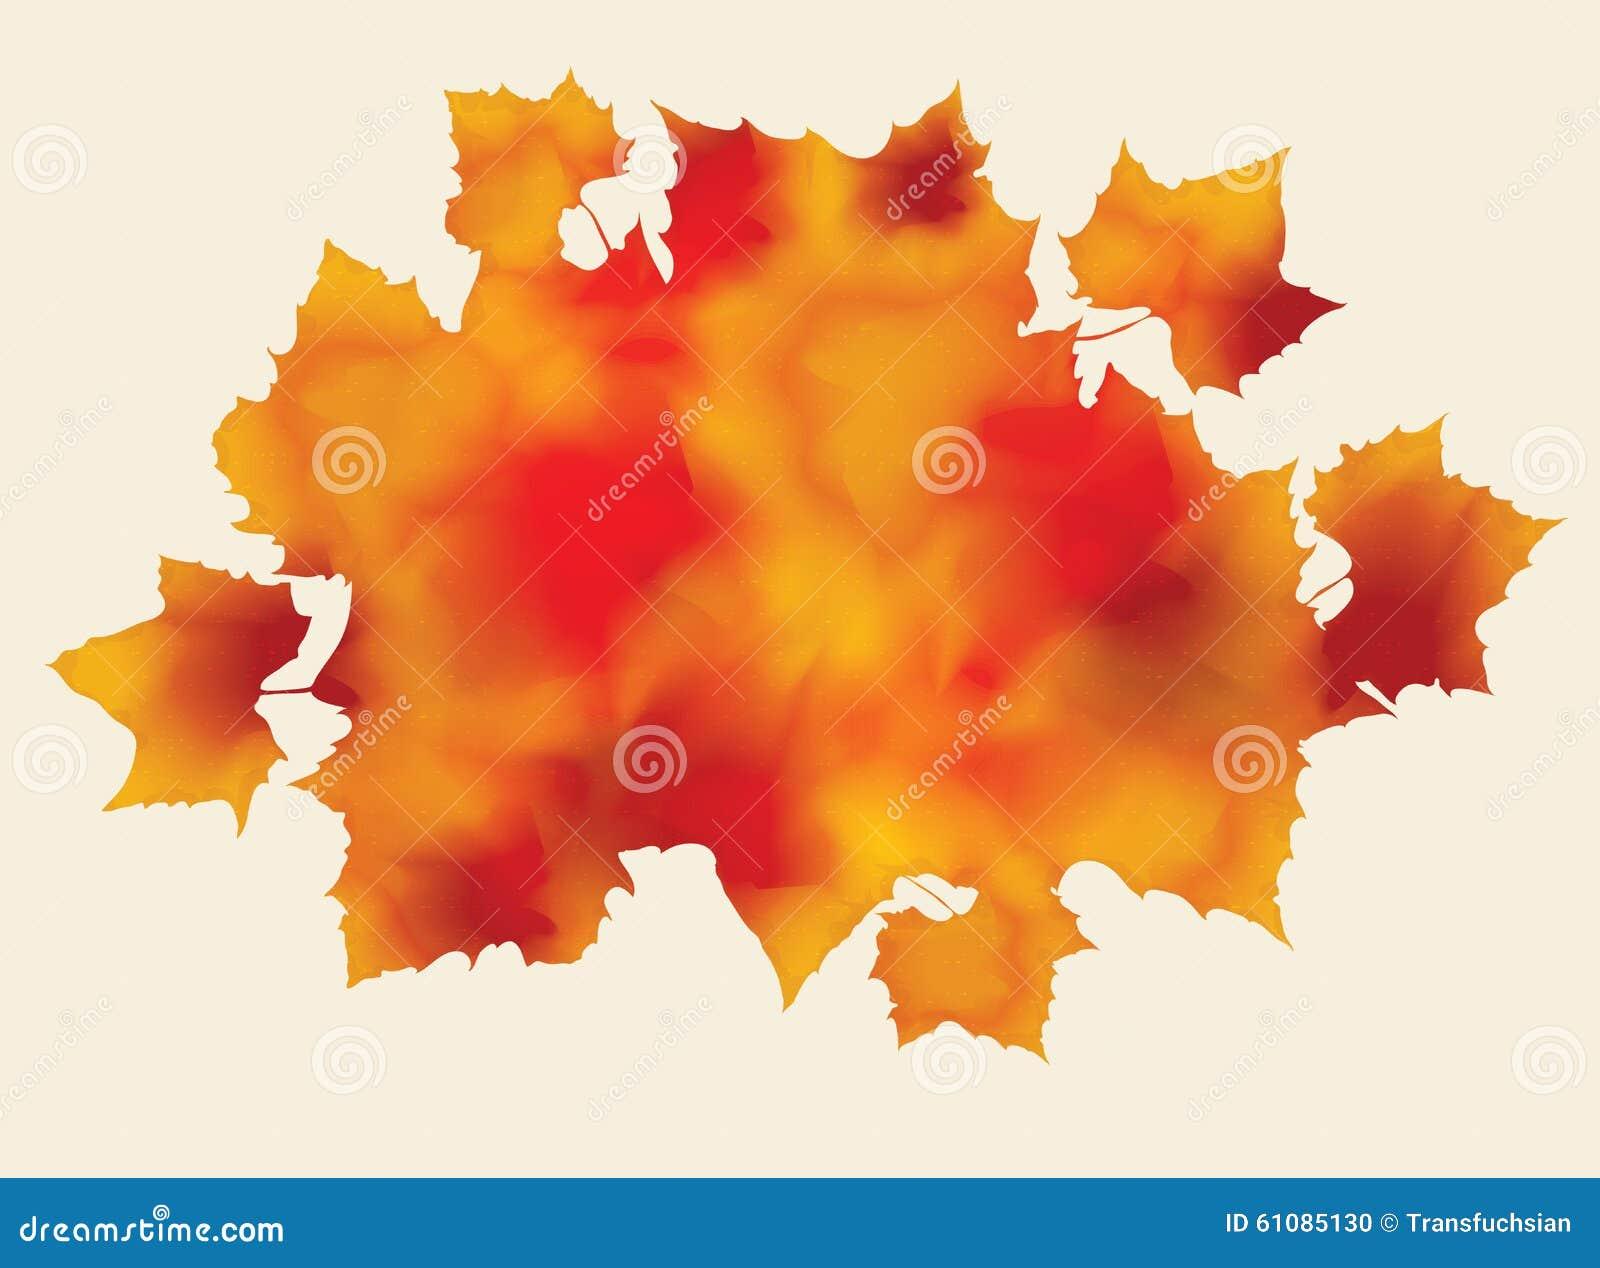 抽象充满活力的水彩秋天叶子.图片